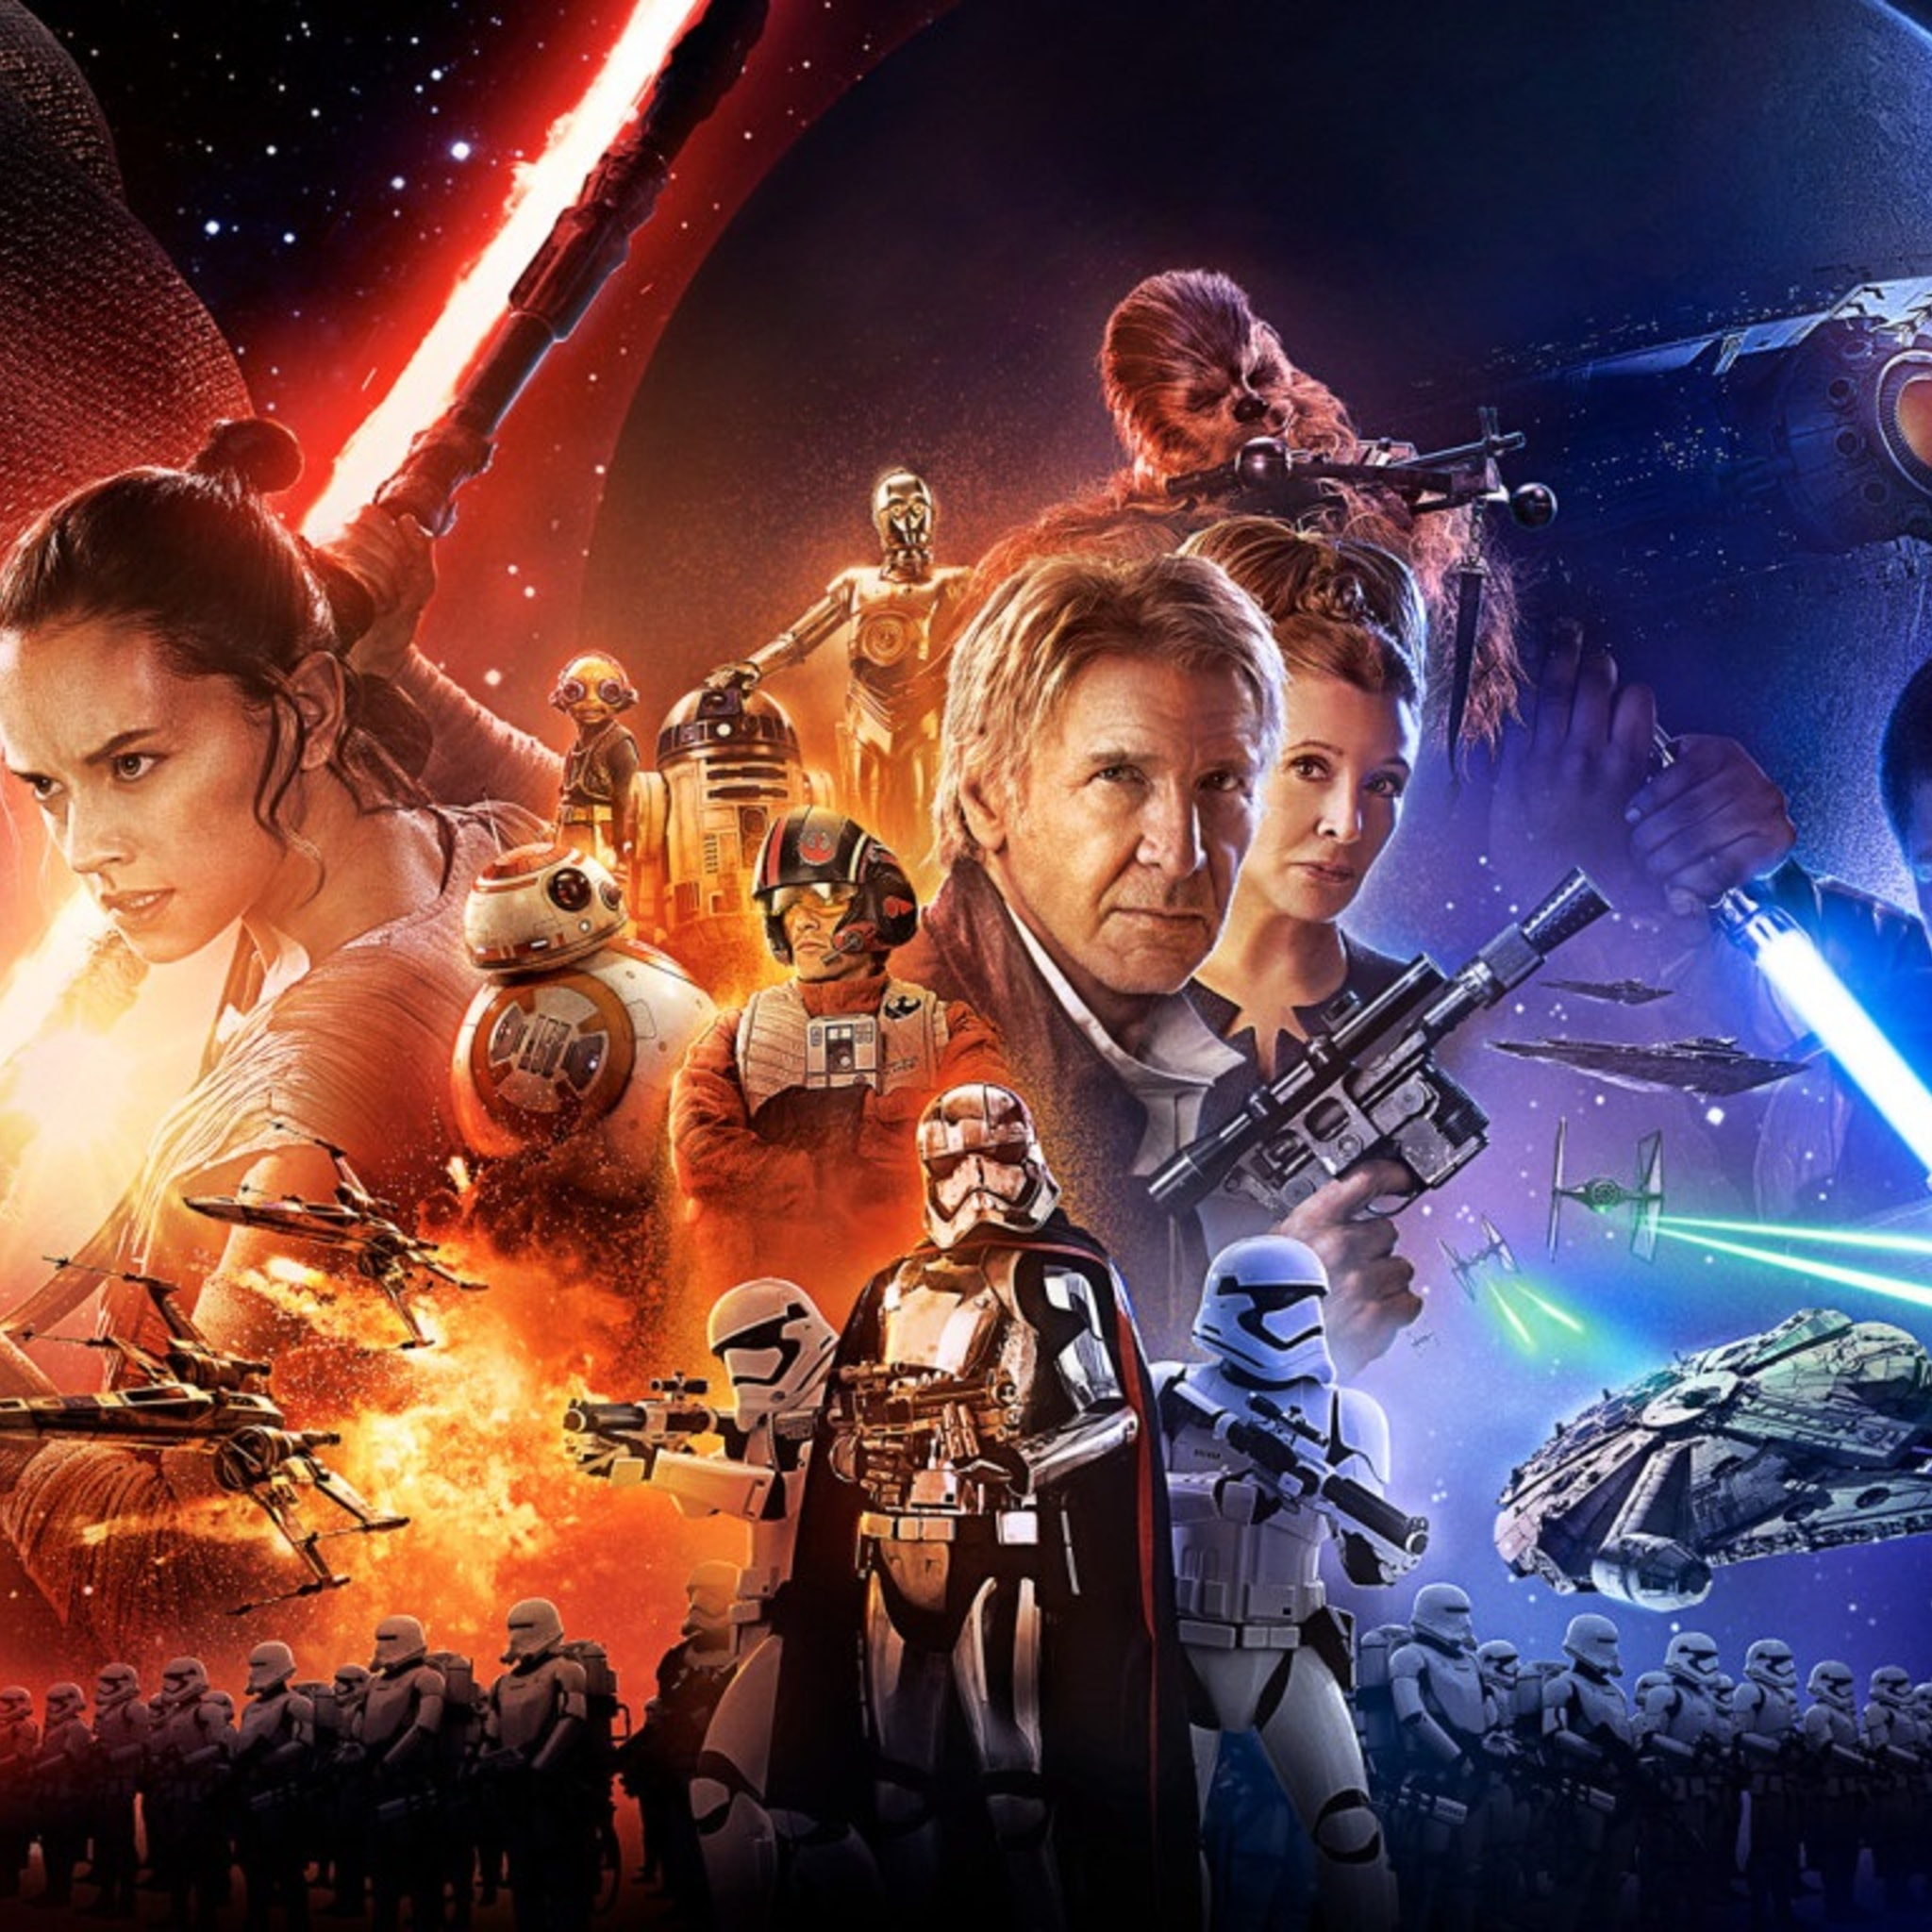 2048x2048 star wars the force awakens poster ipad air hd 4k